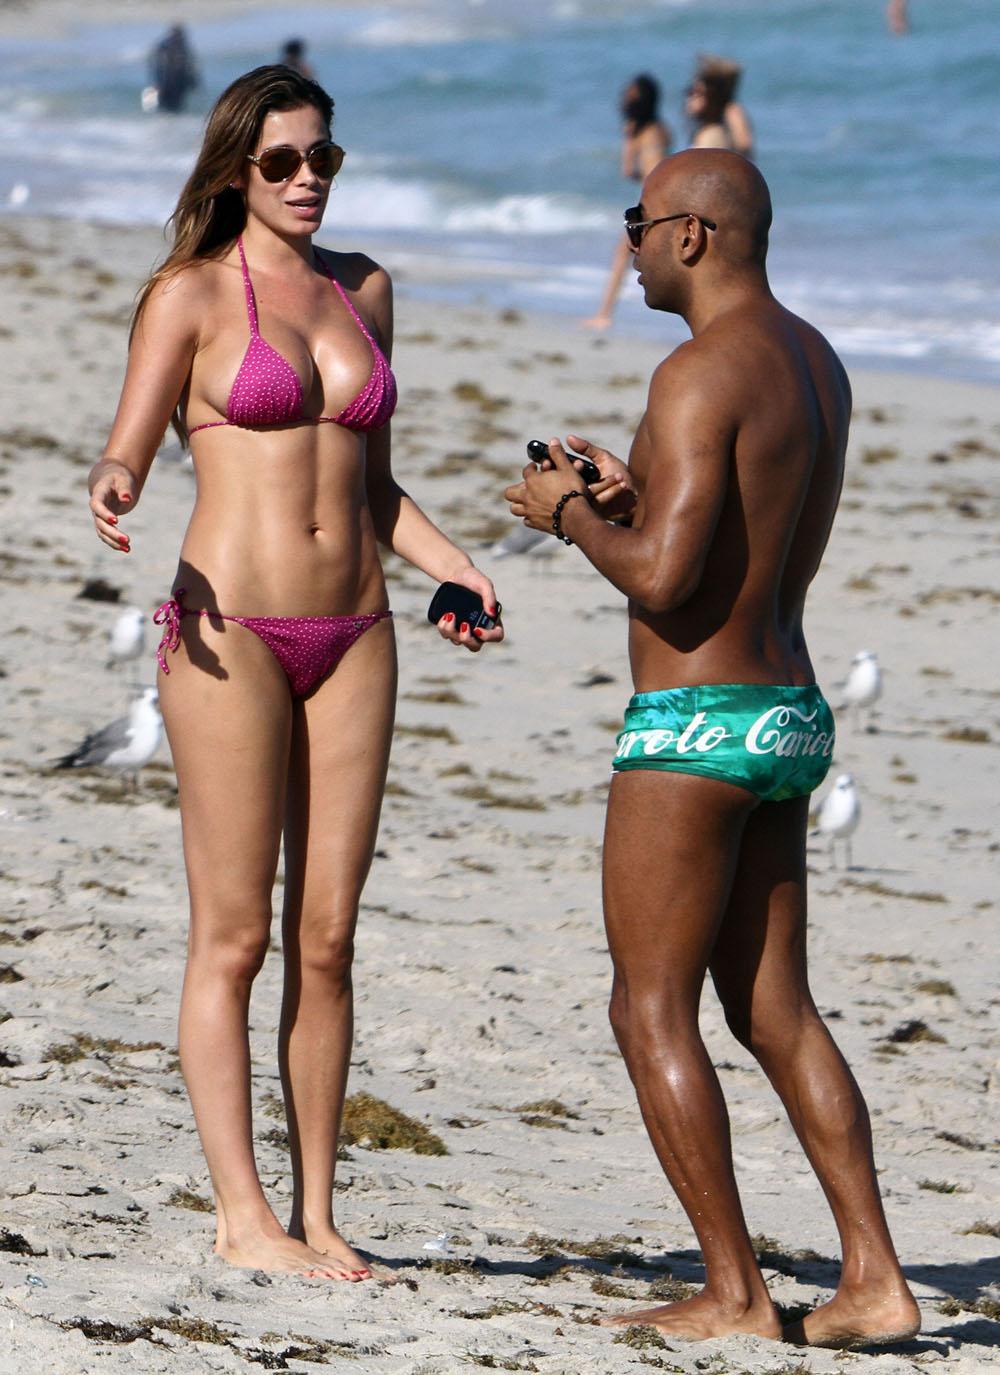 Aida Yespica  Hot in a Pink Bikini in Miami27  GotCeleb